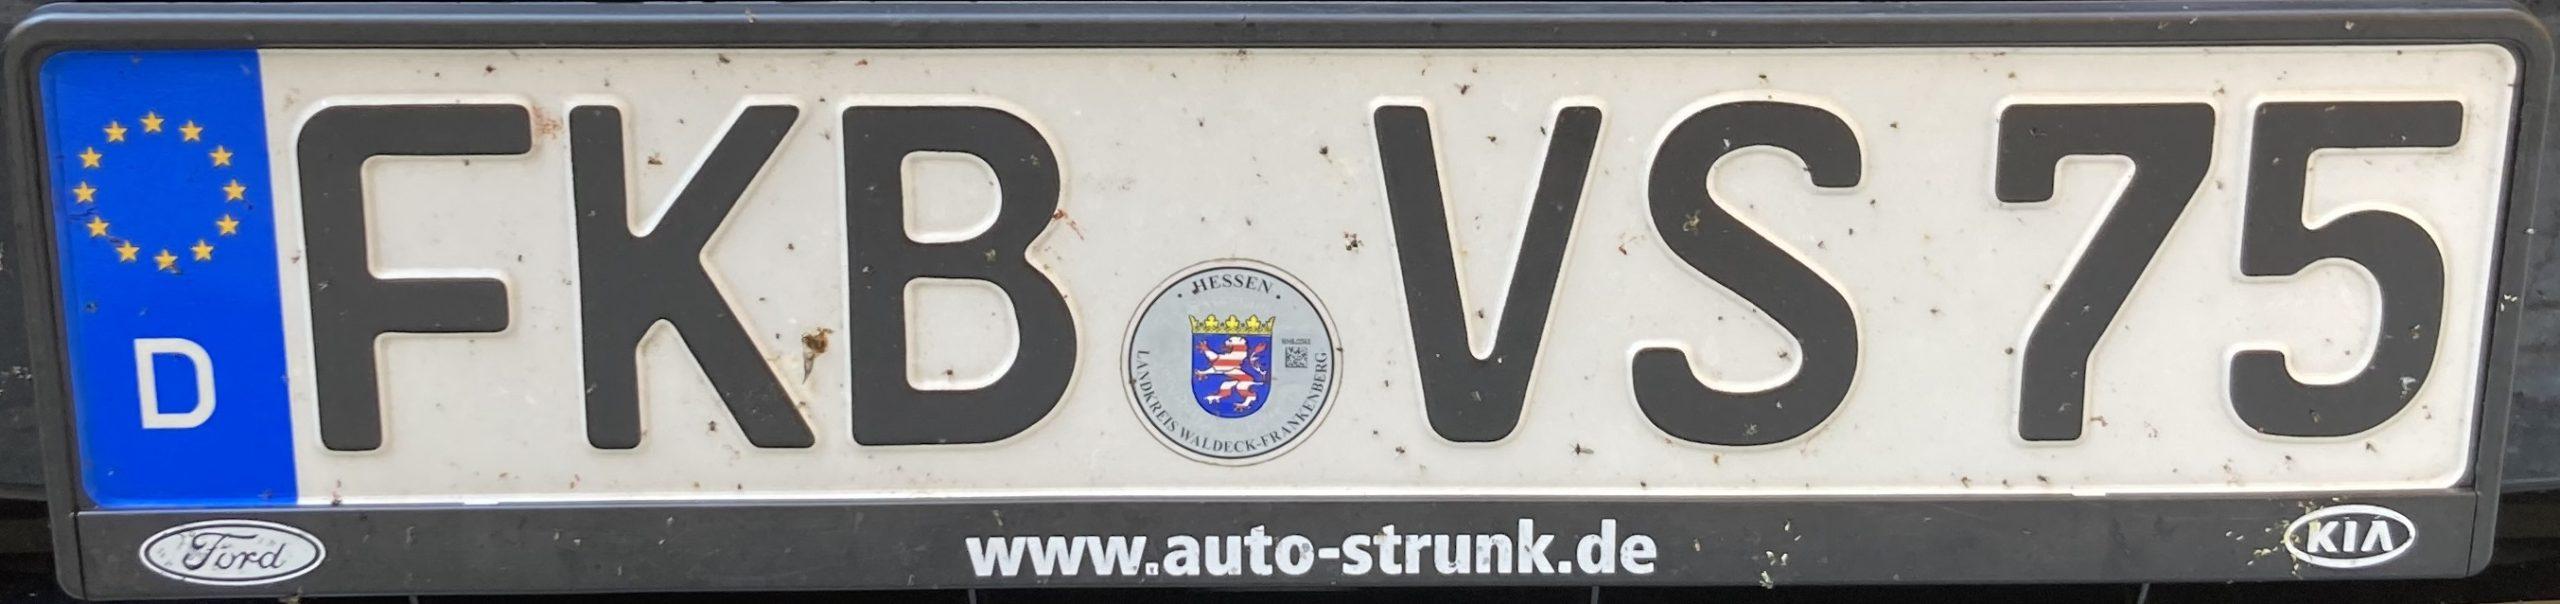 Registrační značky Německo - FKB - Frankenberg, foto: www.podalnici.cz